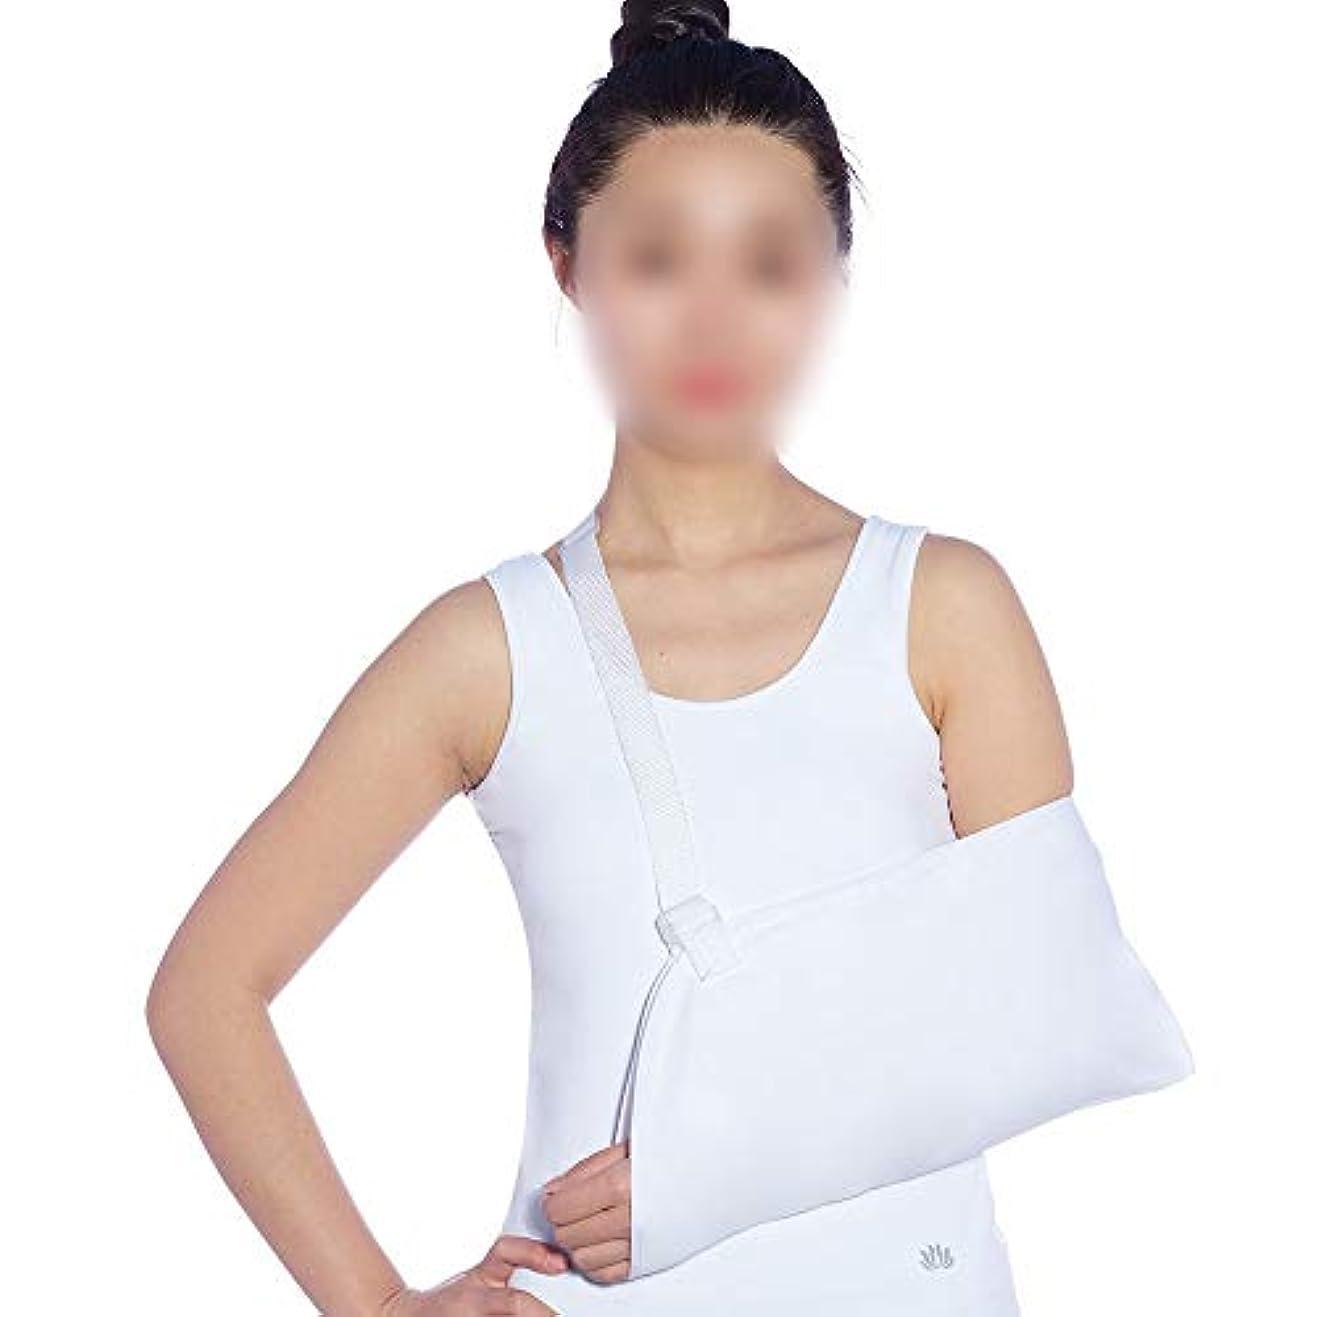 わかる聴覚障害者治安判事ZYL-YL メッシュ通気性の前腕ストラップリストストラップ骨折固定多機能アームバンドストラップ装具ツールアームスリング